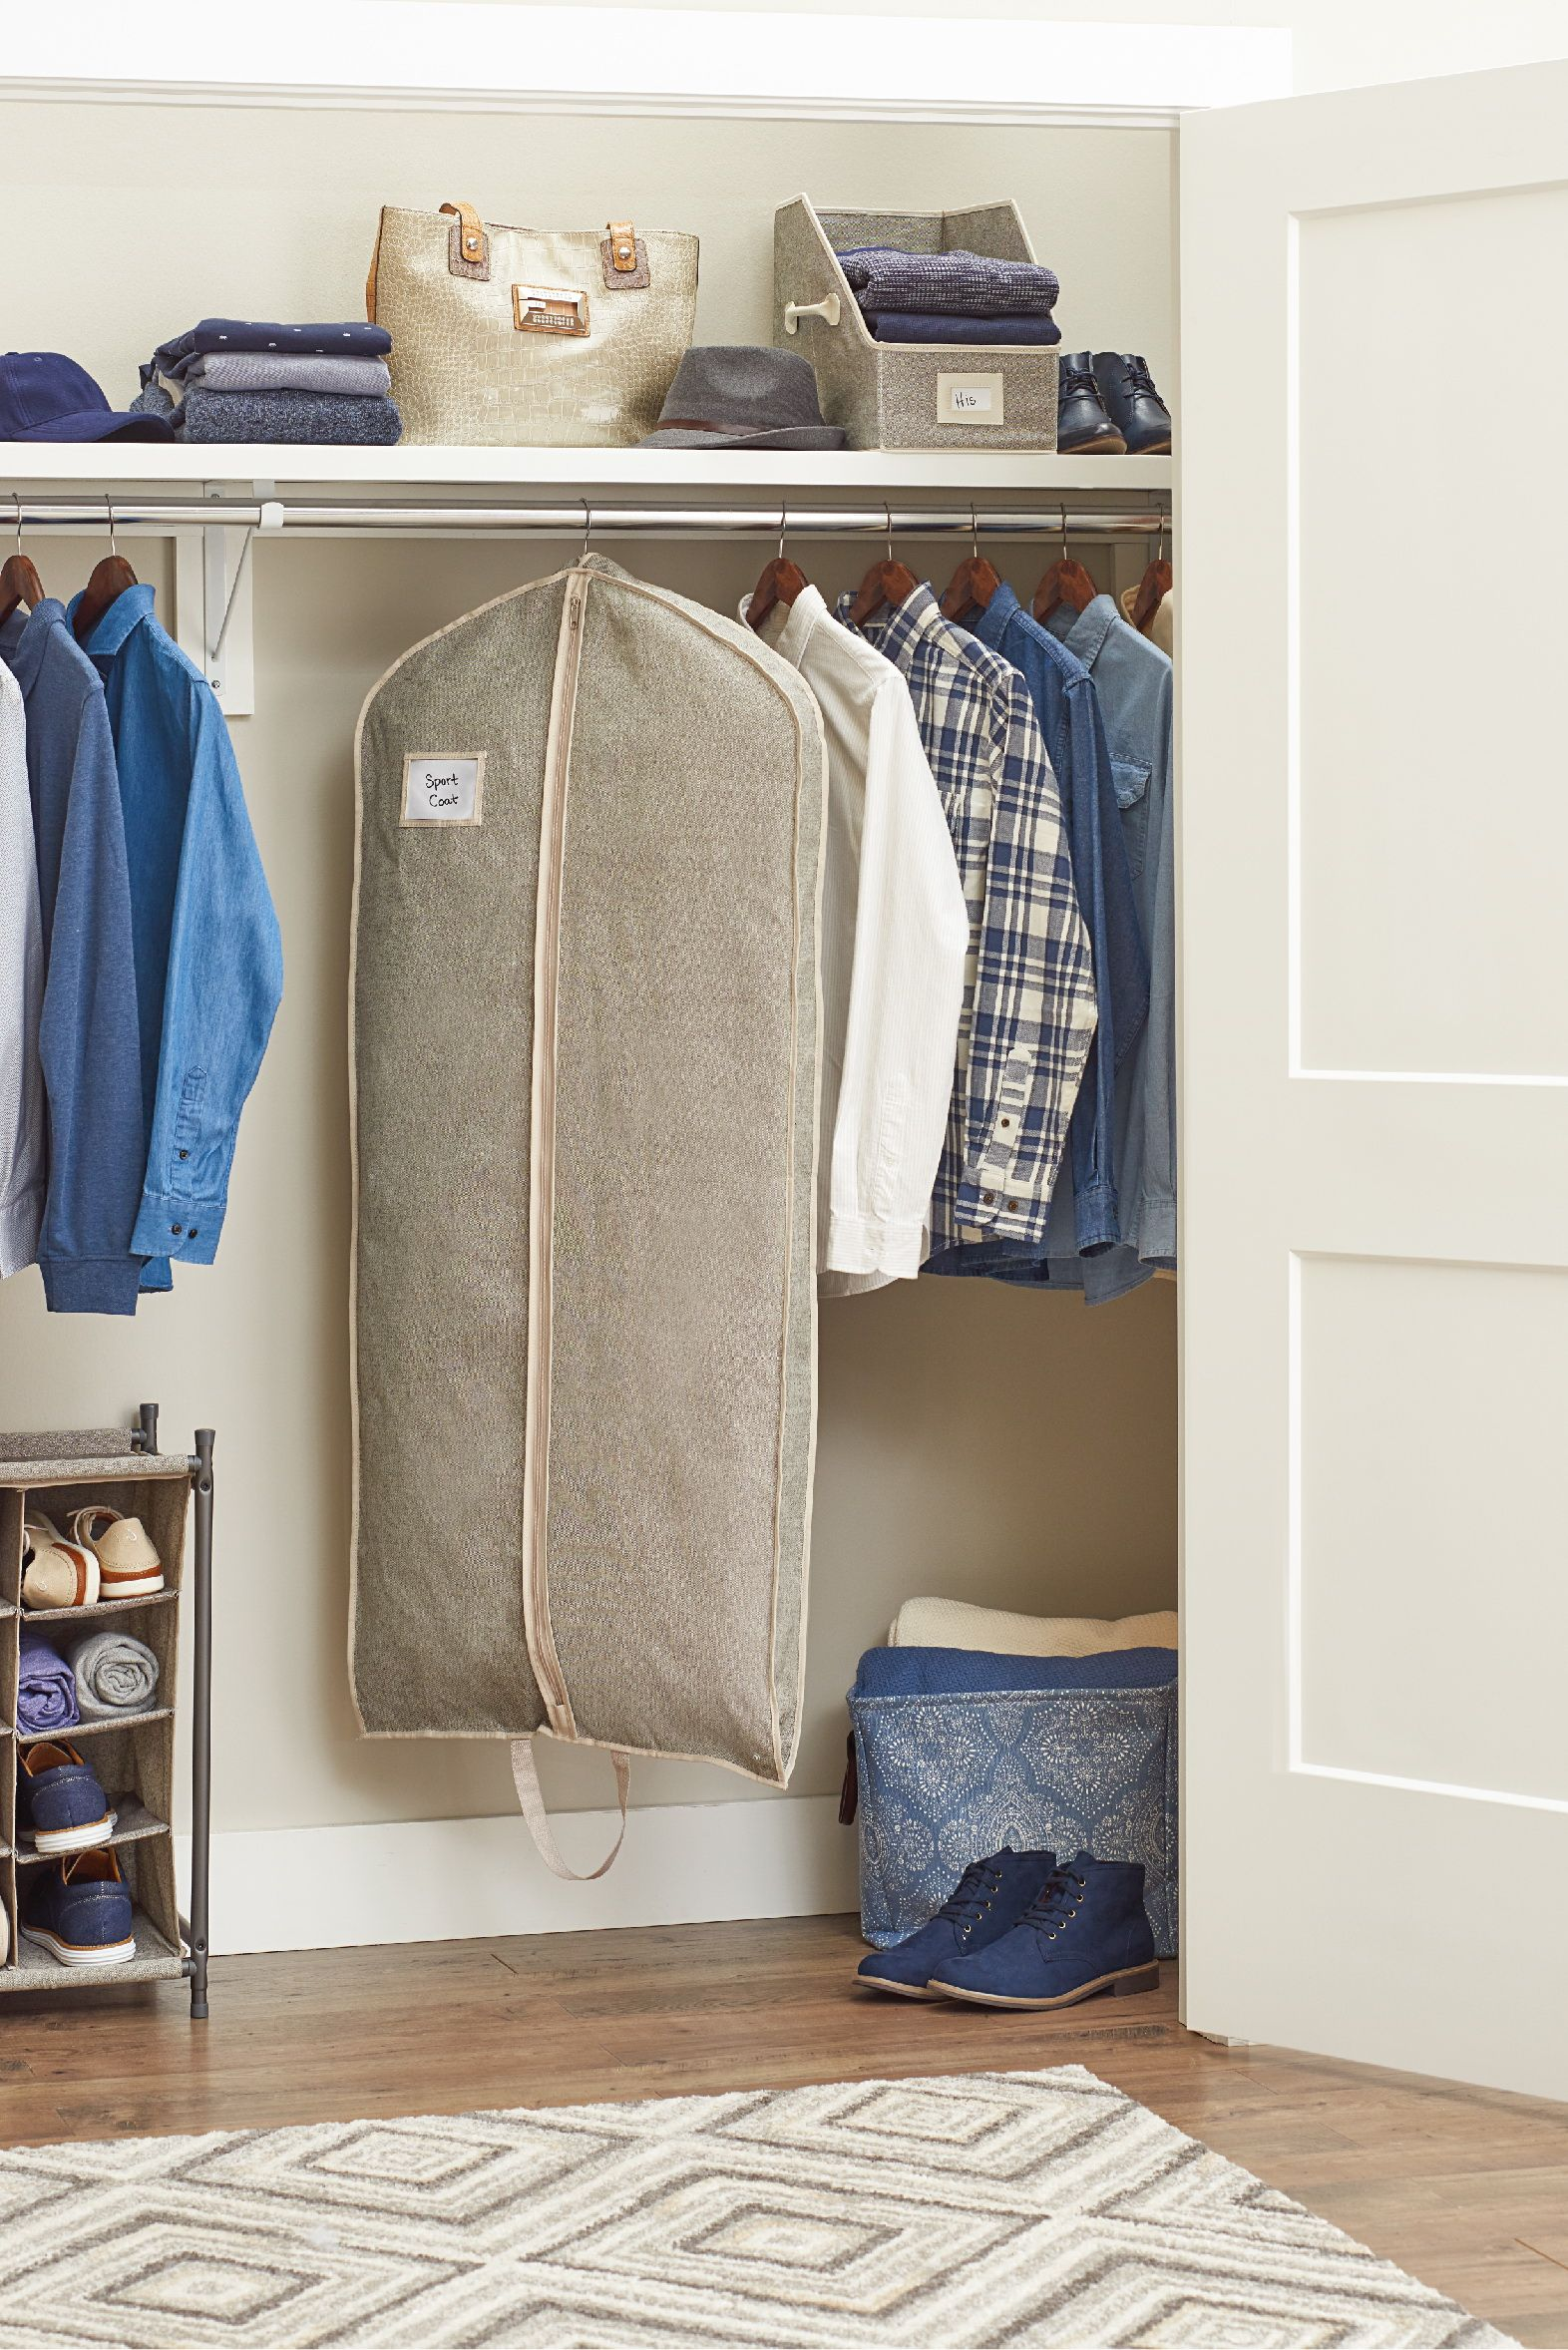 2a9d36e2c90b2ffed0bda7c5111e1811 - Better Homes And Gardens Garment Bag